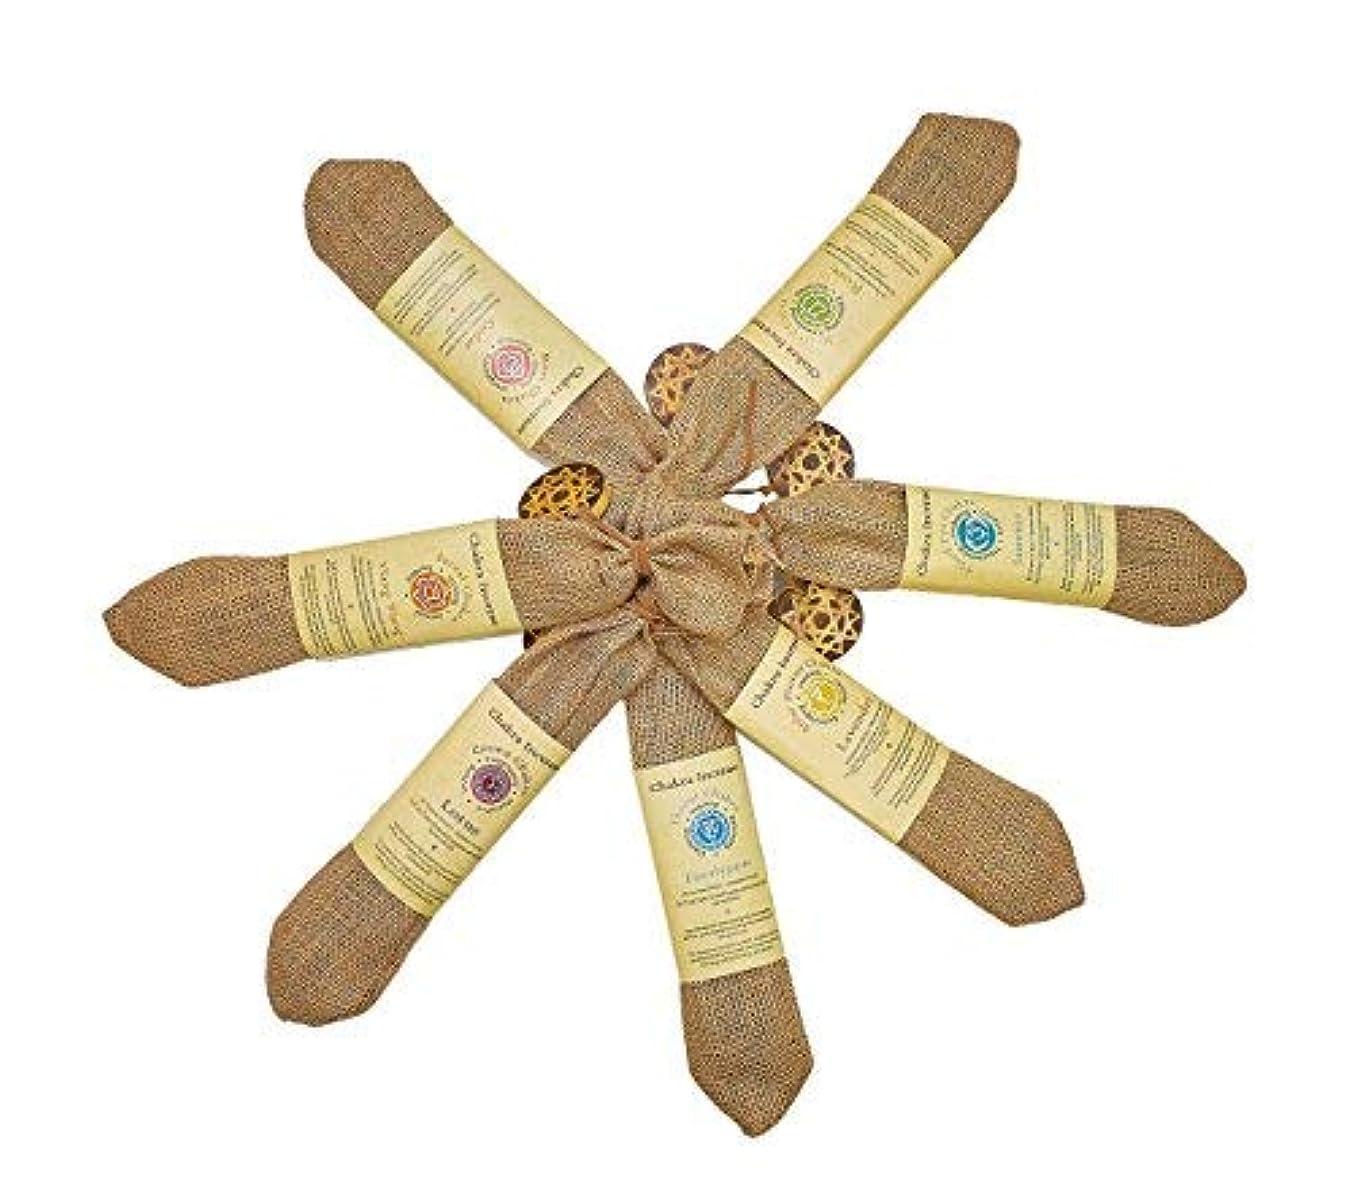 関与する子犬クライストチャーチ純正Chakra Incense Sticks 210 sticks Variety Pack of 7異なるFlavors